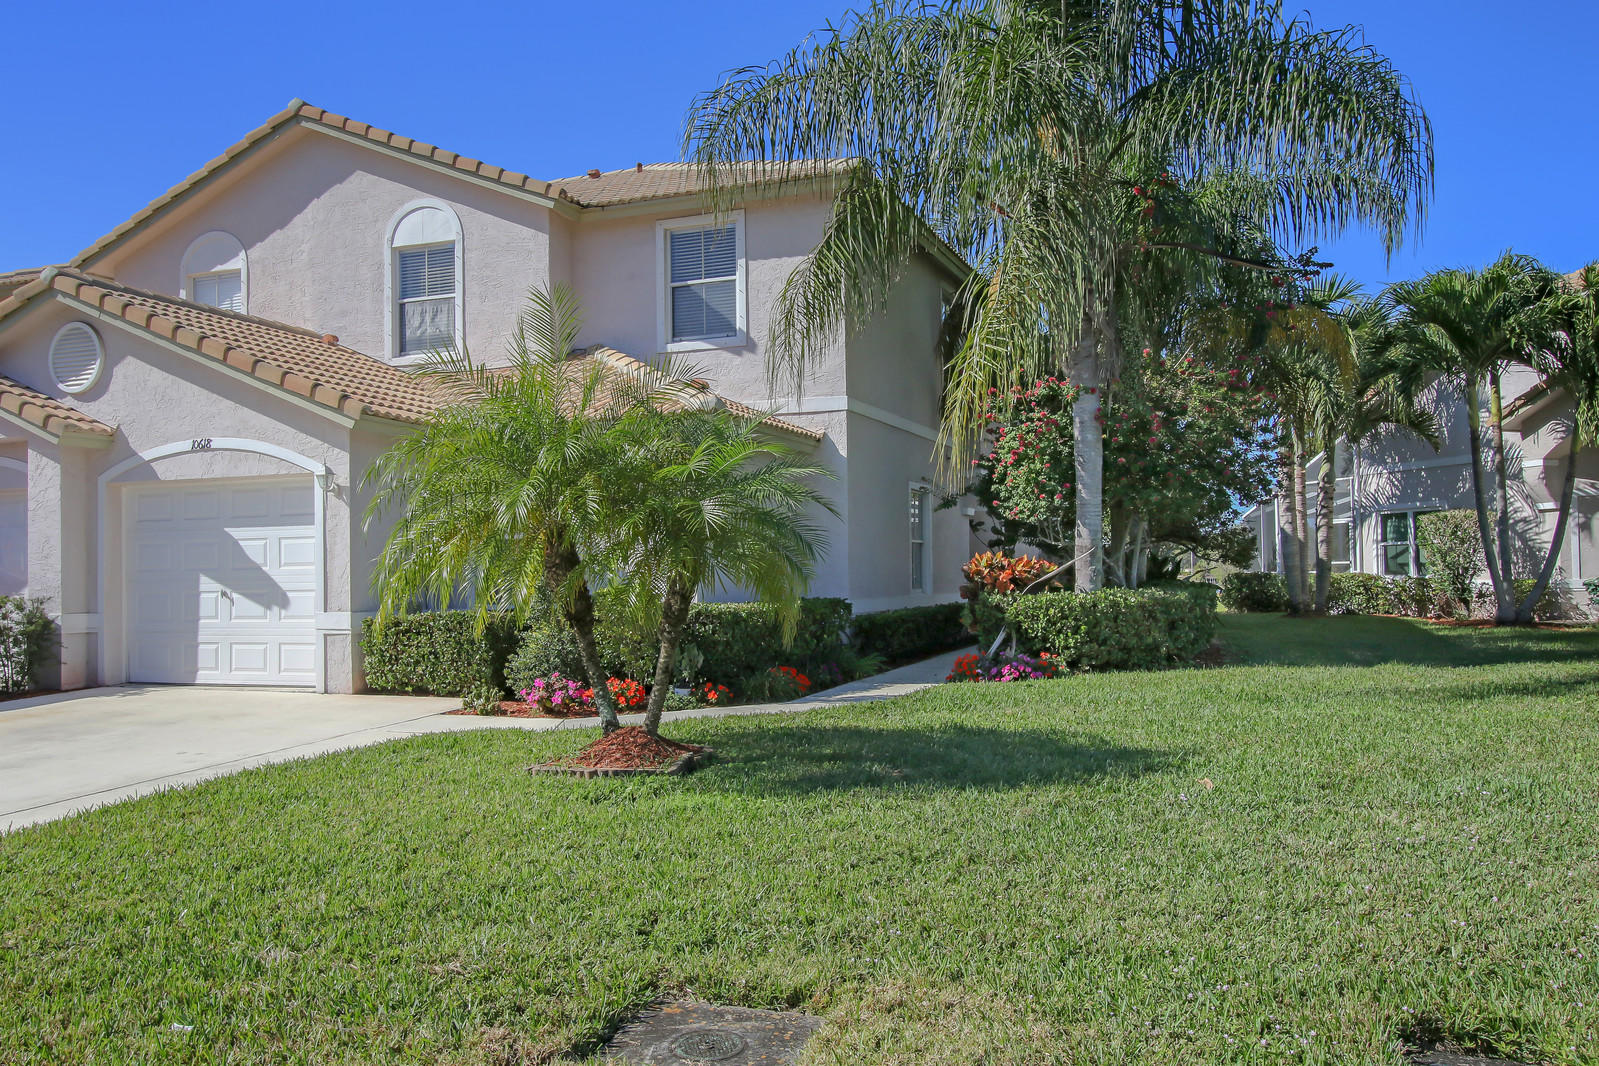 10618 Pelican Drive, Wellington, Florida 33414, 3 Bedrooms Bedrooms, ,2.1 BathroomsBathrooms,Townhouse,For Sale,Wellingtons Edge,Pelican,RX-10494607